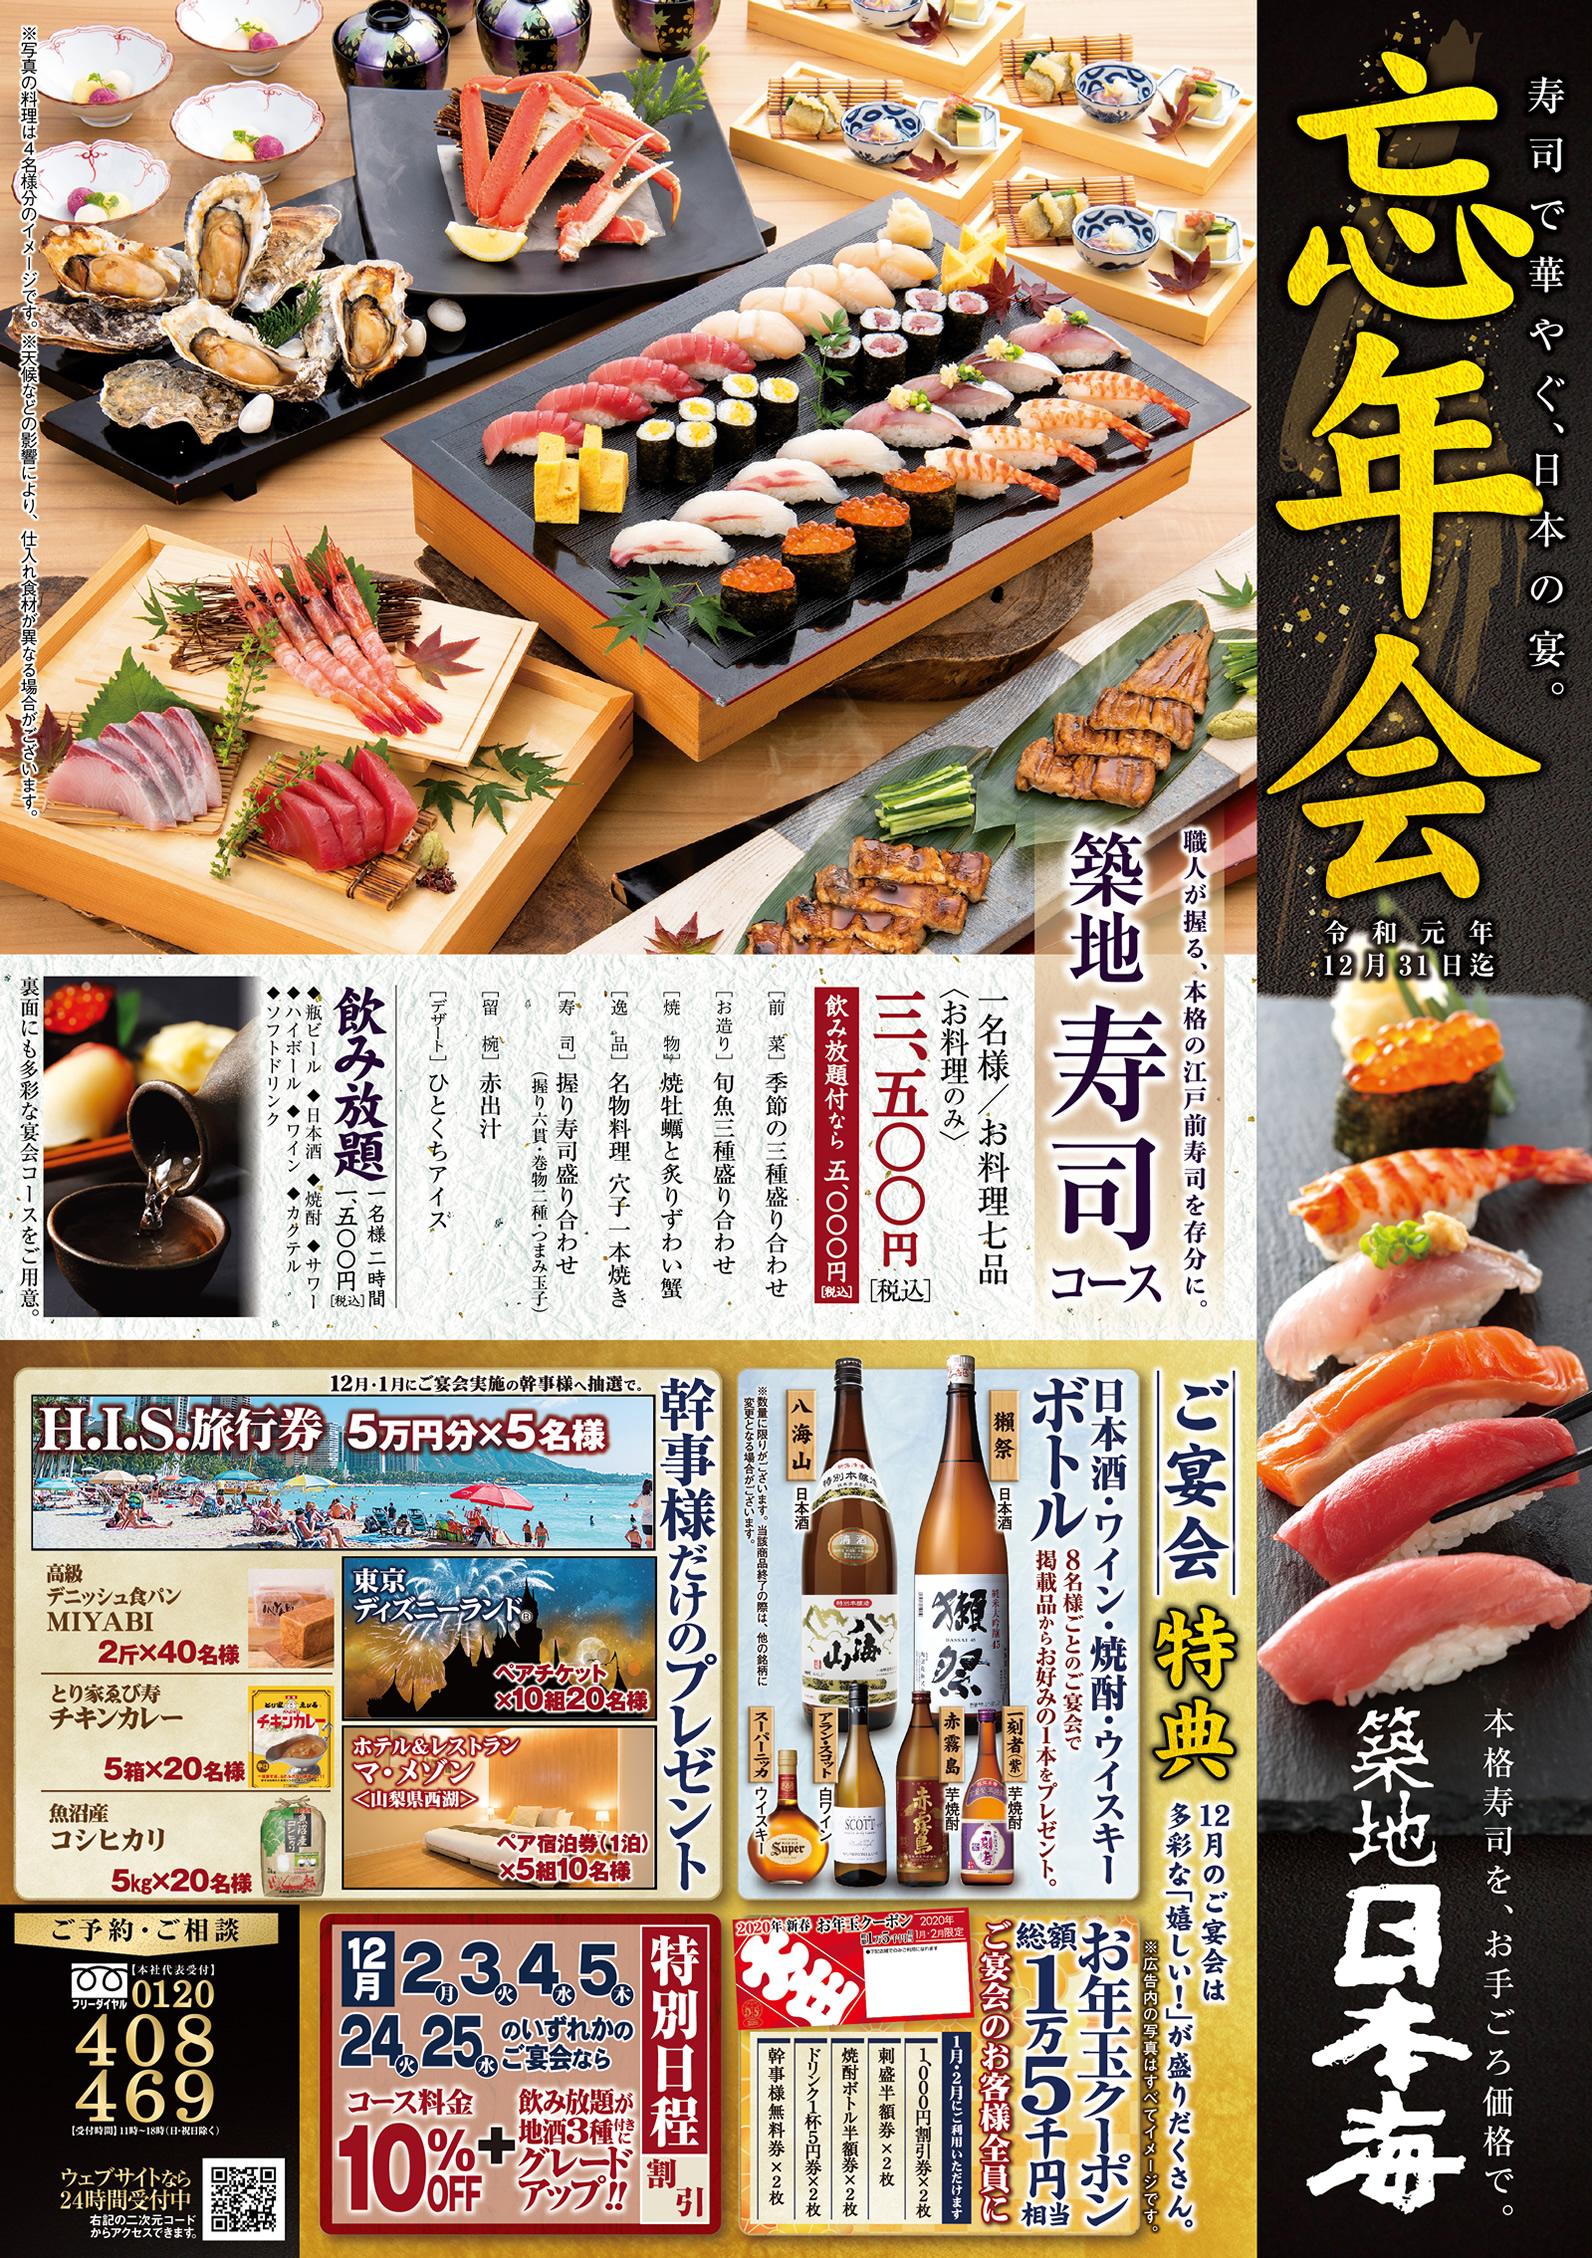 【築地日本海】特典目白押し!大庄グループの忘年会2019